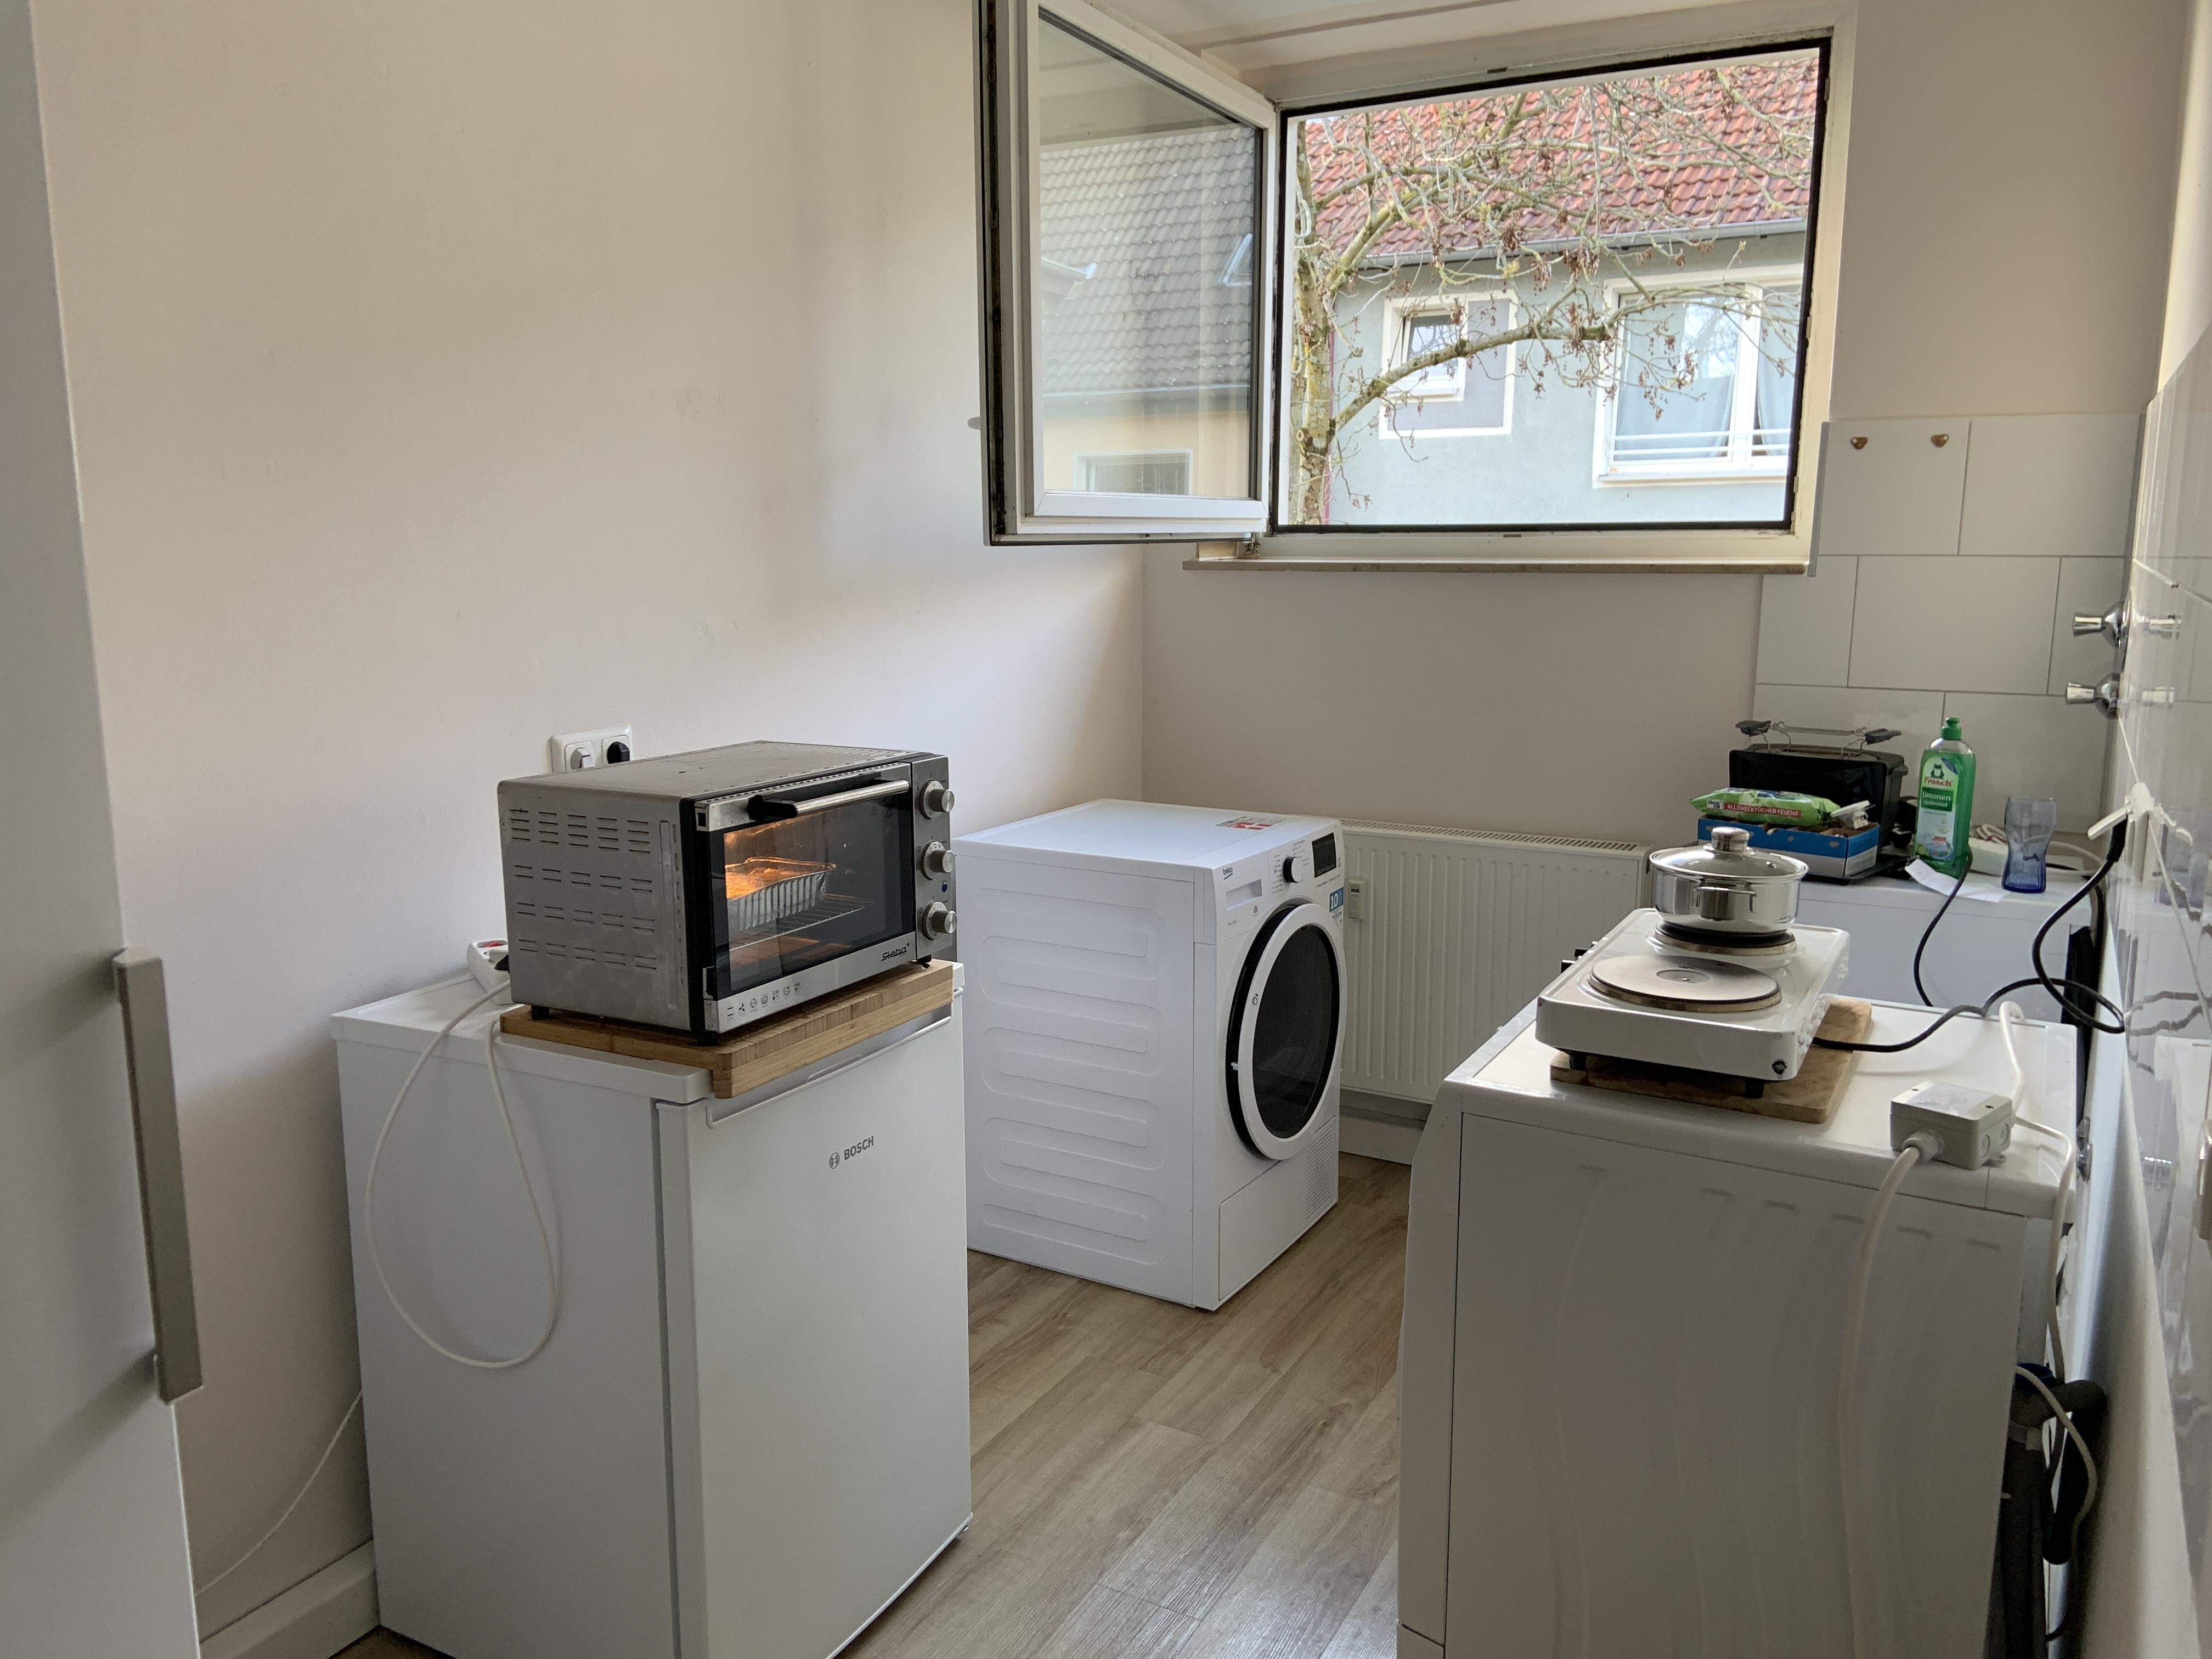 eine leergeräumte Küche mit einigen Elektrogeräten